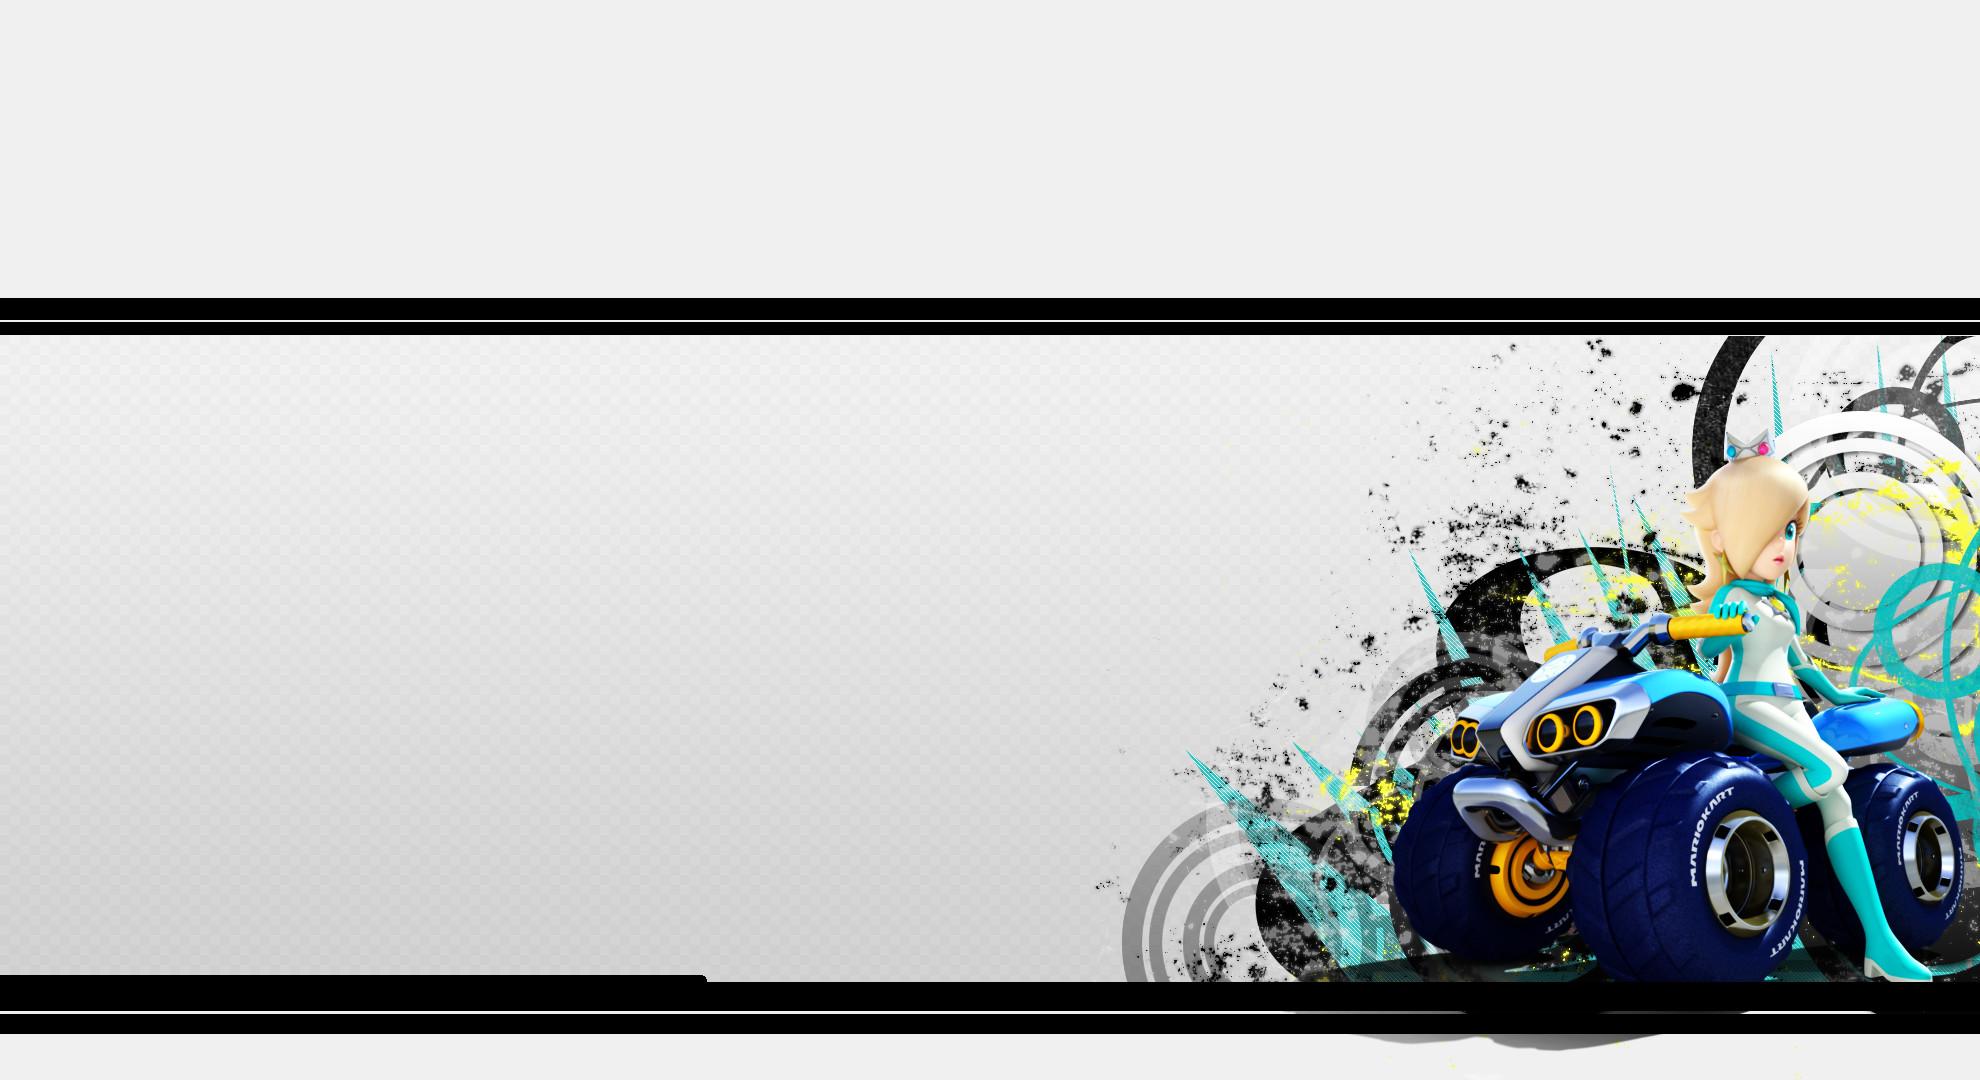 Mario Kart 7 Rosalina Wallpaper images